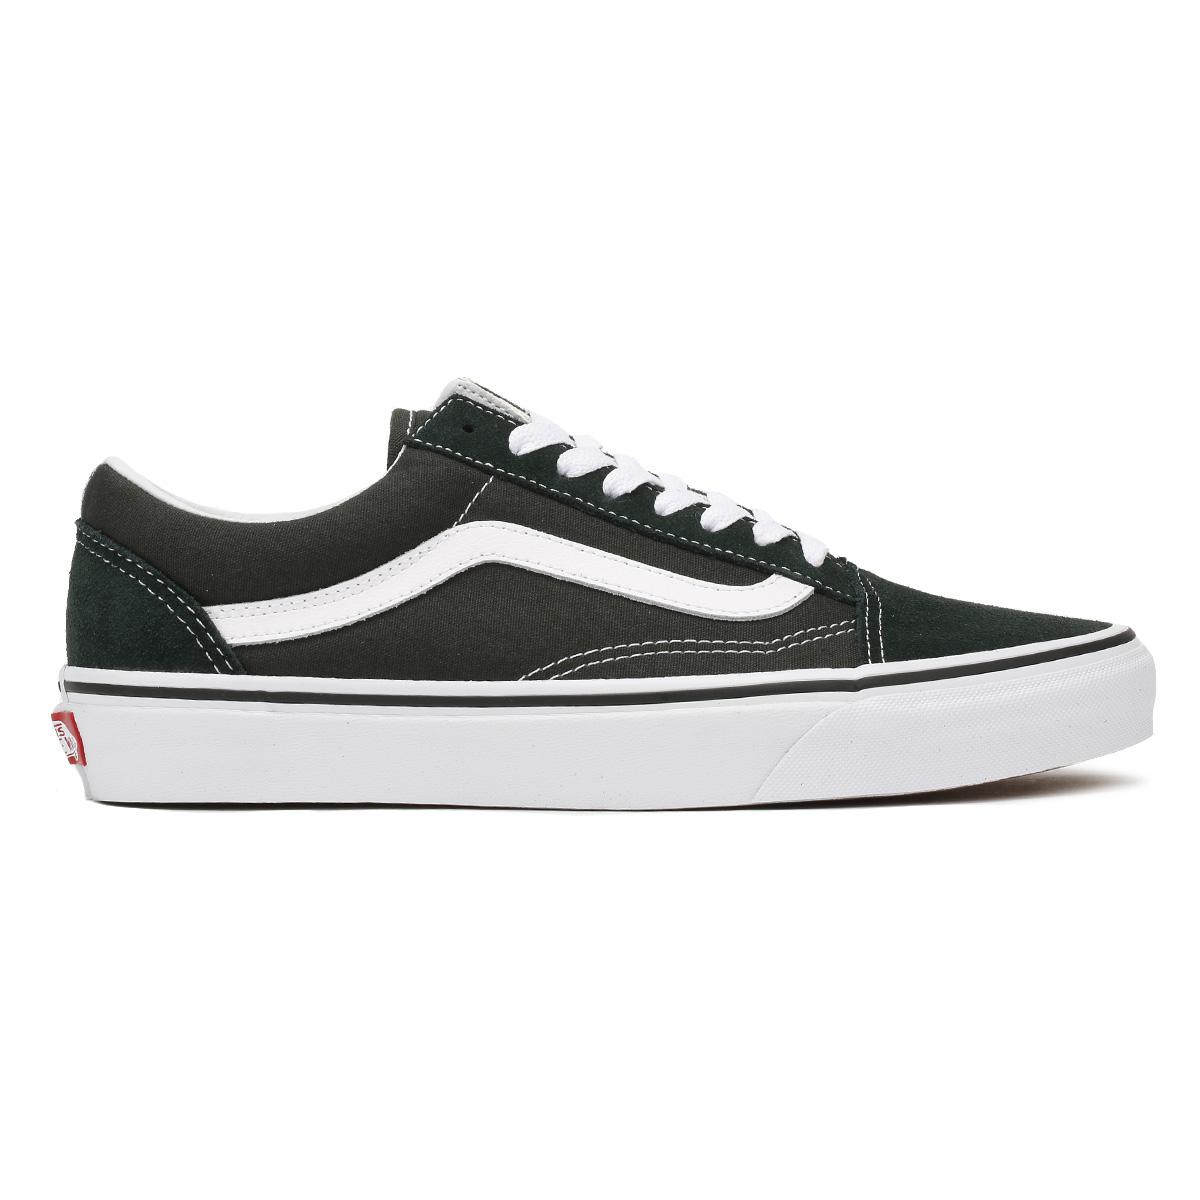 Vans-Mens-Trainers-Scarab-Green-amp-True-White-Old-Skool-Suede-Skate-Shoes